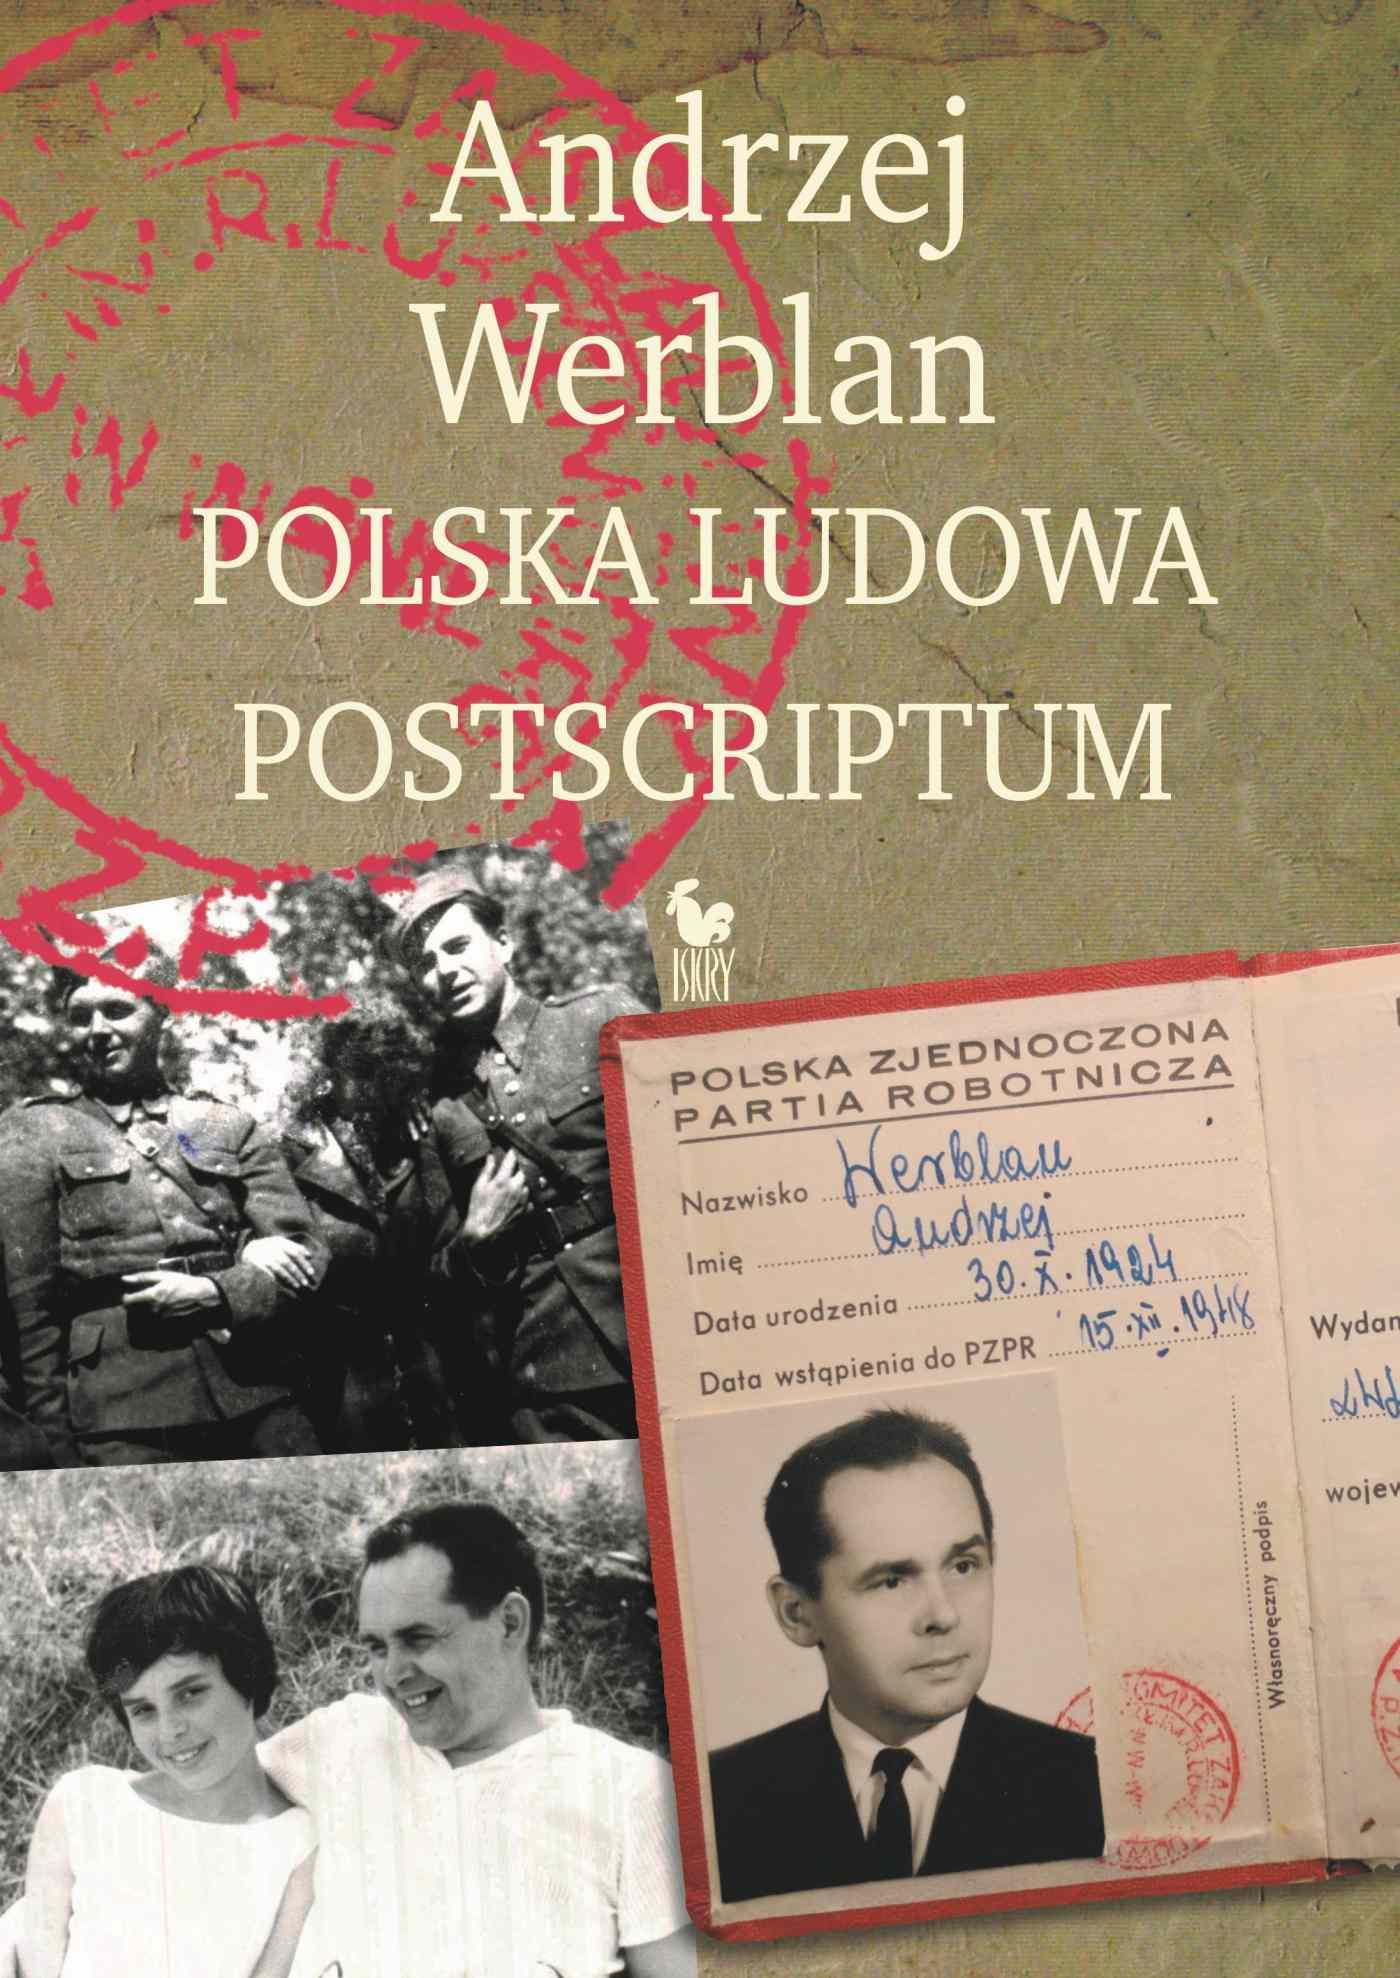 Polska Ludowa. Postscriptum - Ebook (Książka EPUB) do pobrania w formacie EPUB